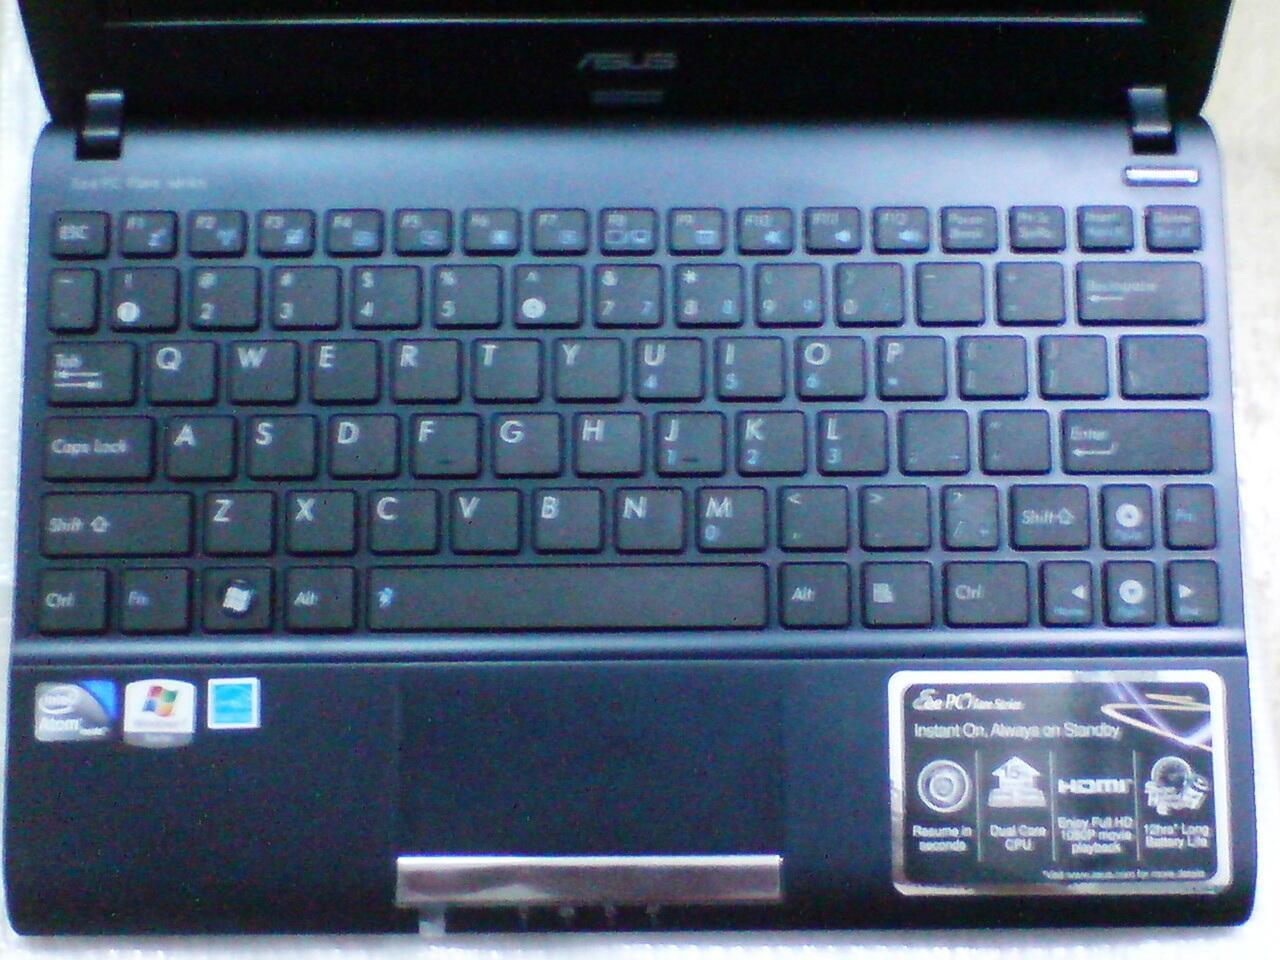 Netbook Asus eee PC 1025 R052C